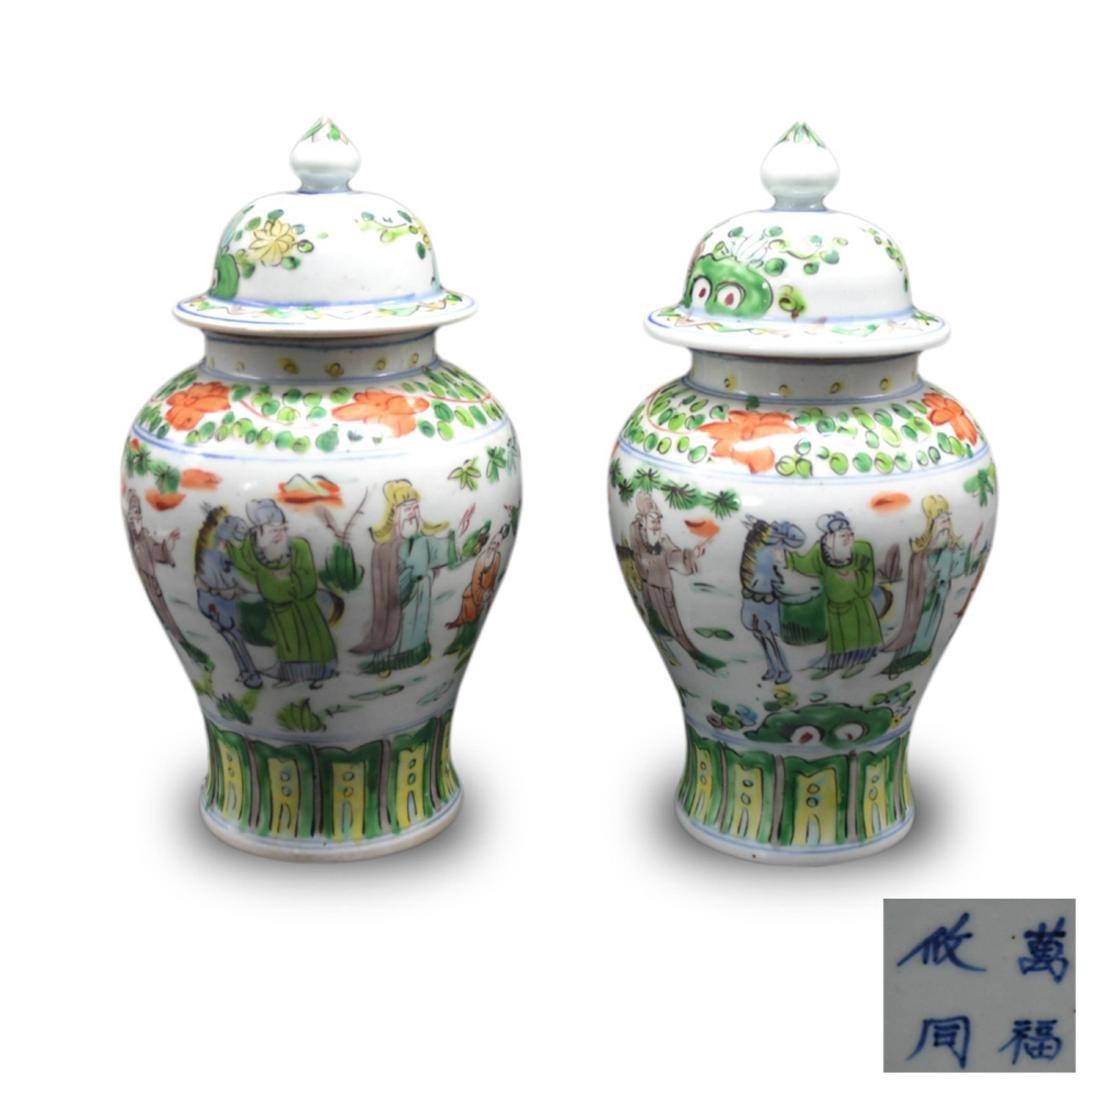 Pair Of Chinese Wu Cai Porcelain General Jar